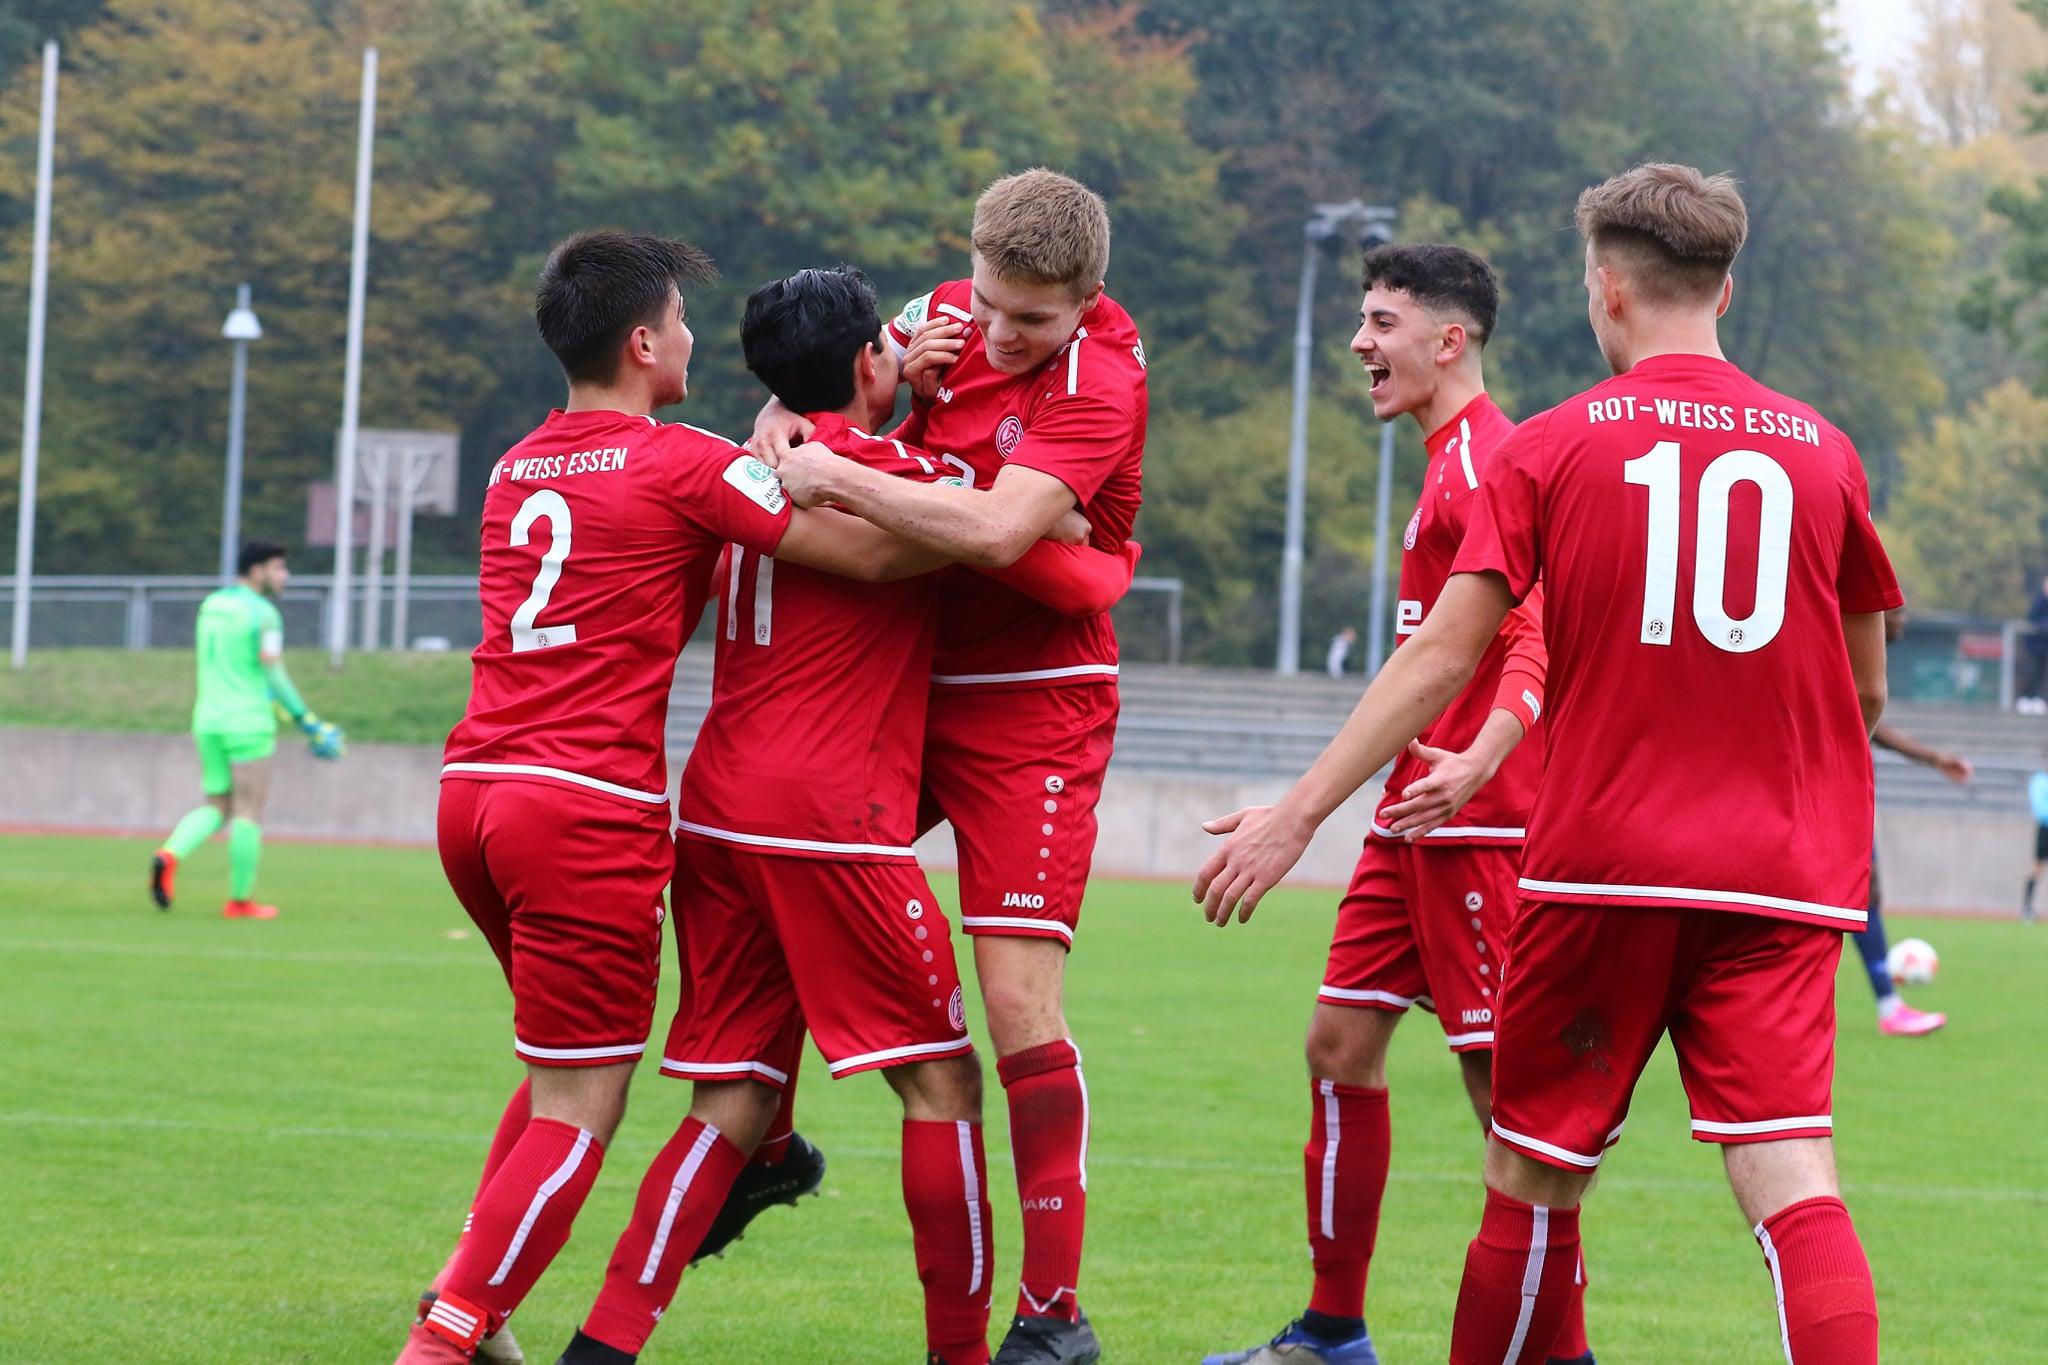 Die rot-weisse U19 fährt am Wochenende nach Dortmund. Ob ihr der gleiche Überraschungscoup gelingt wie der dort erfolgreichen U17? (Foto: Breilmannswiese)